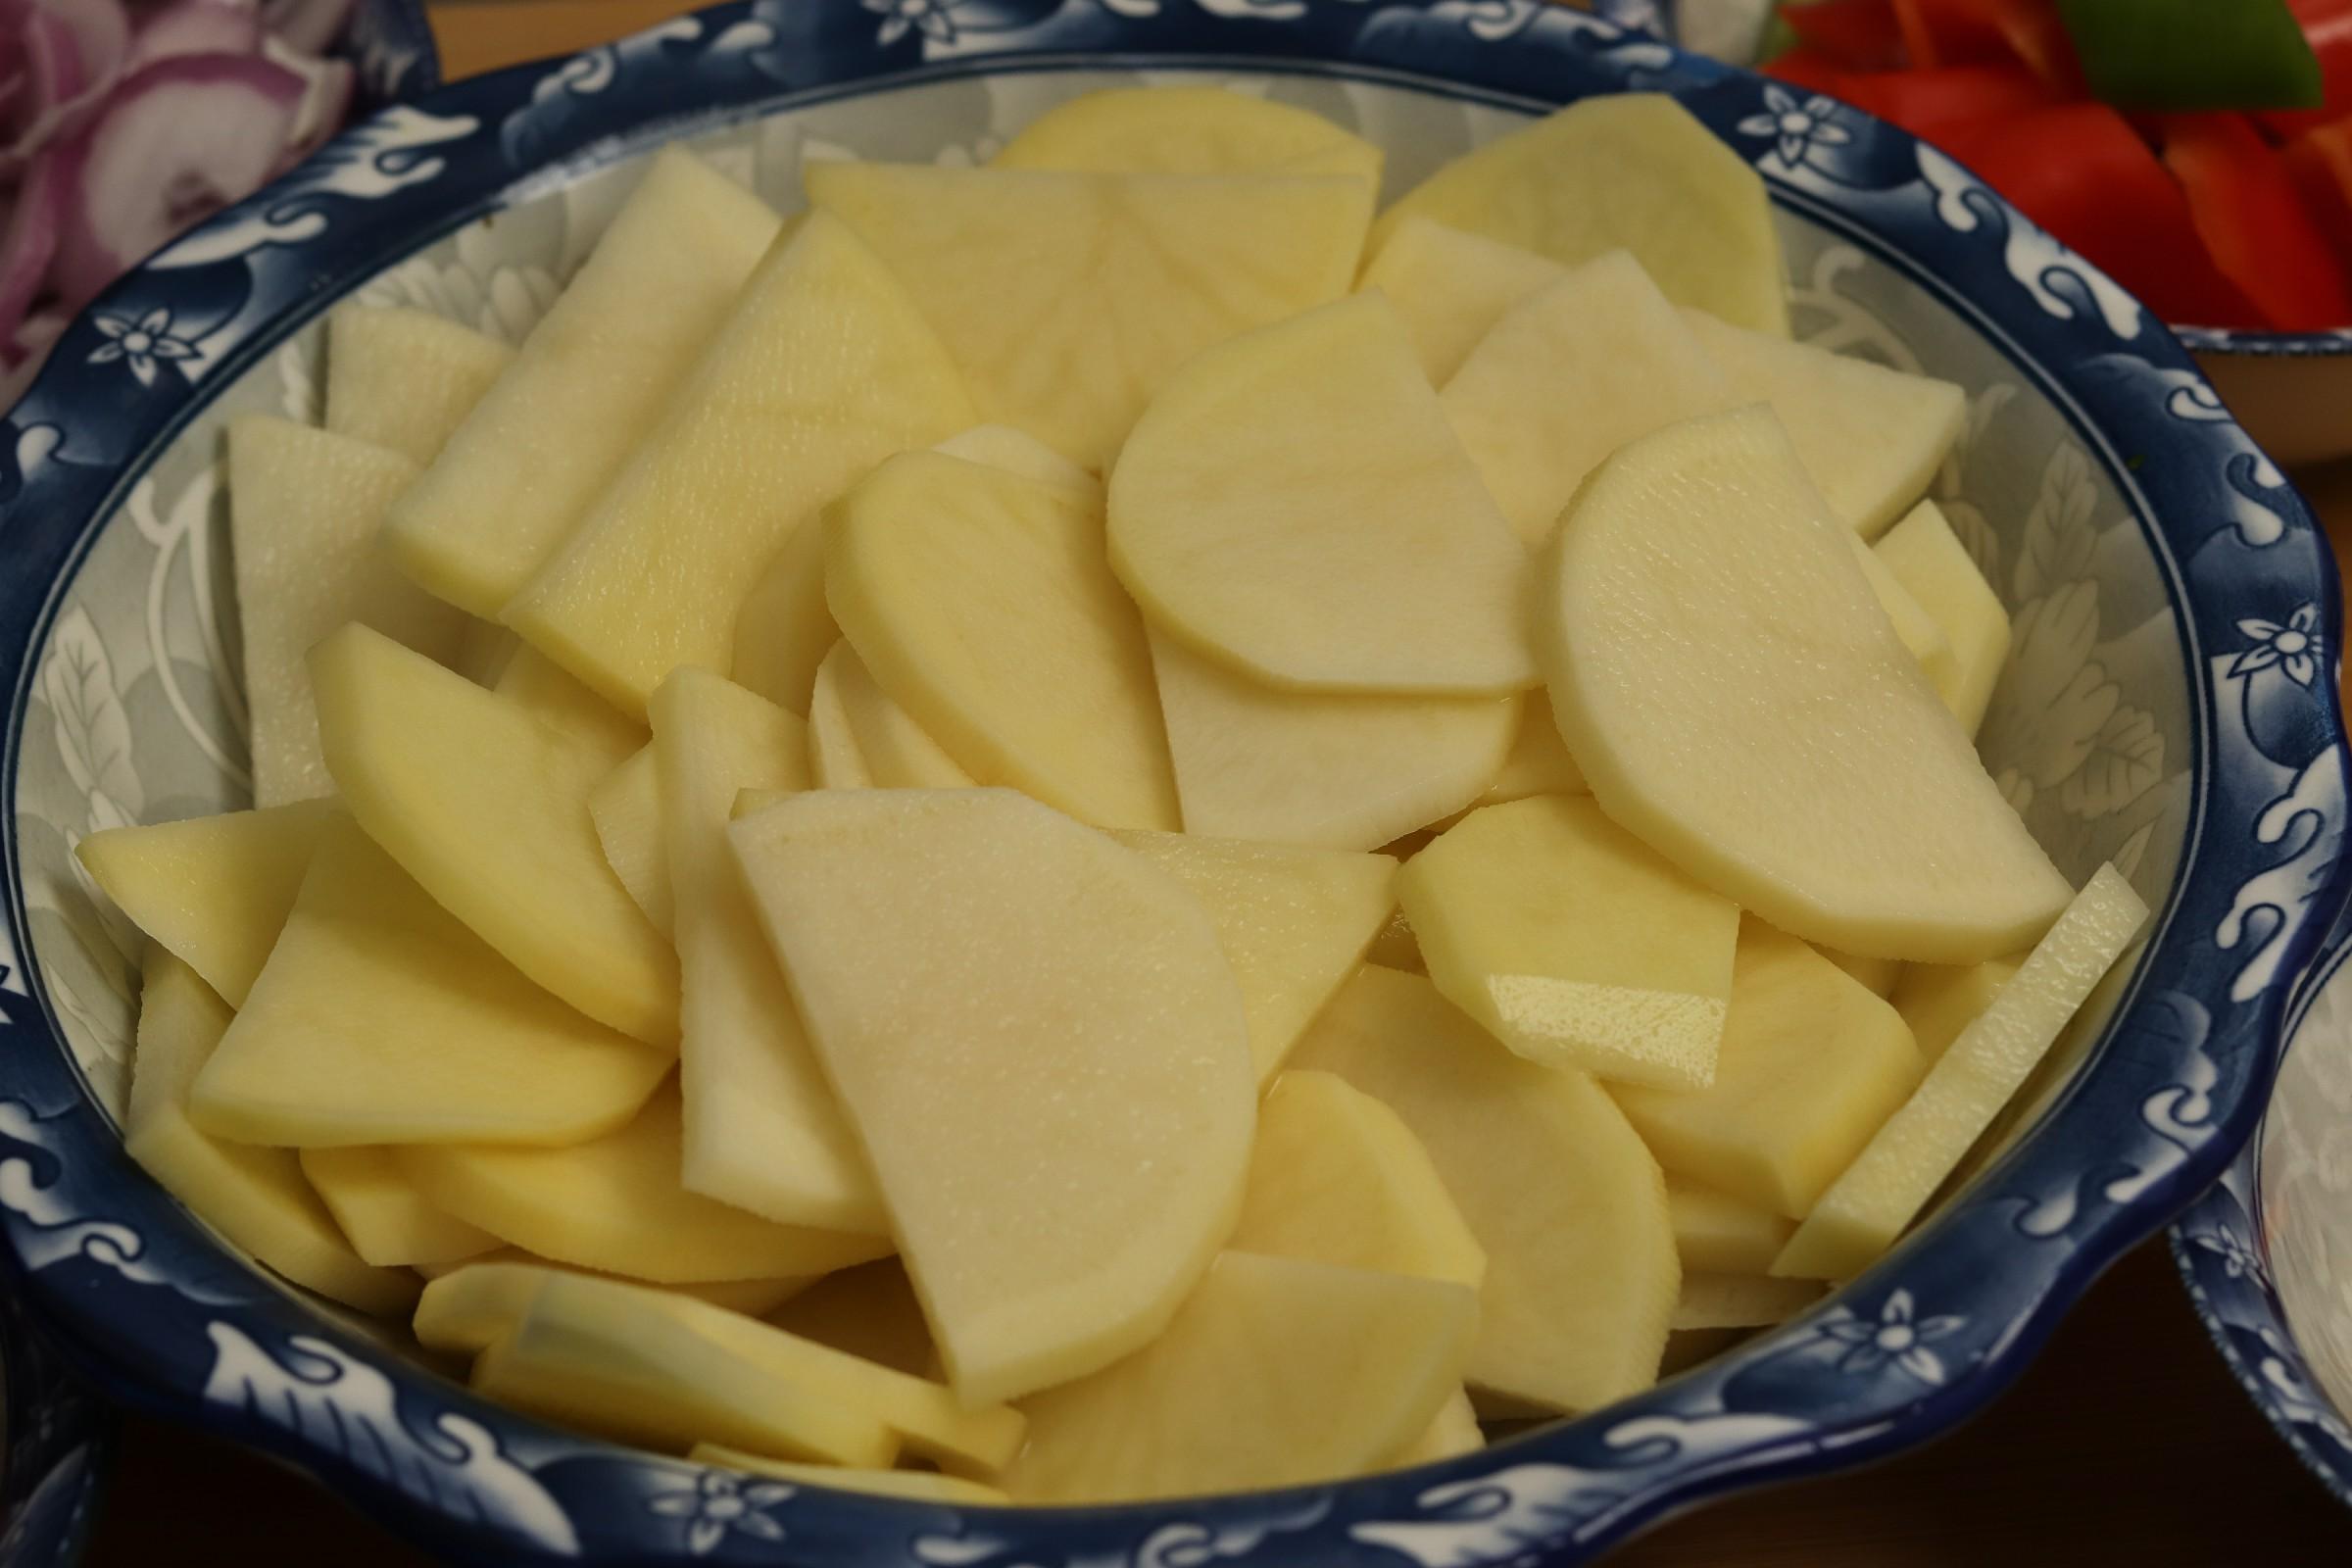 做干锅土豆片,切记不要直接下锅炸,多加一步,好吃不油腻 美食做法 第2张